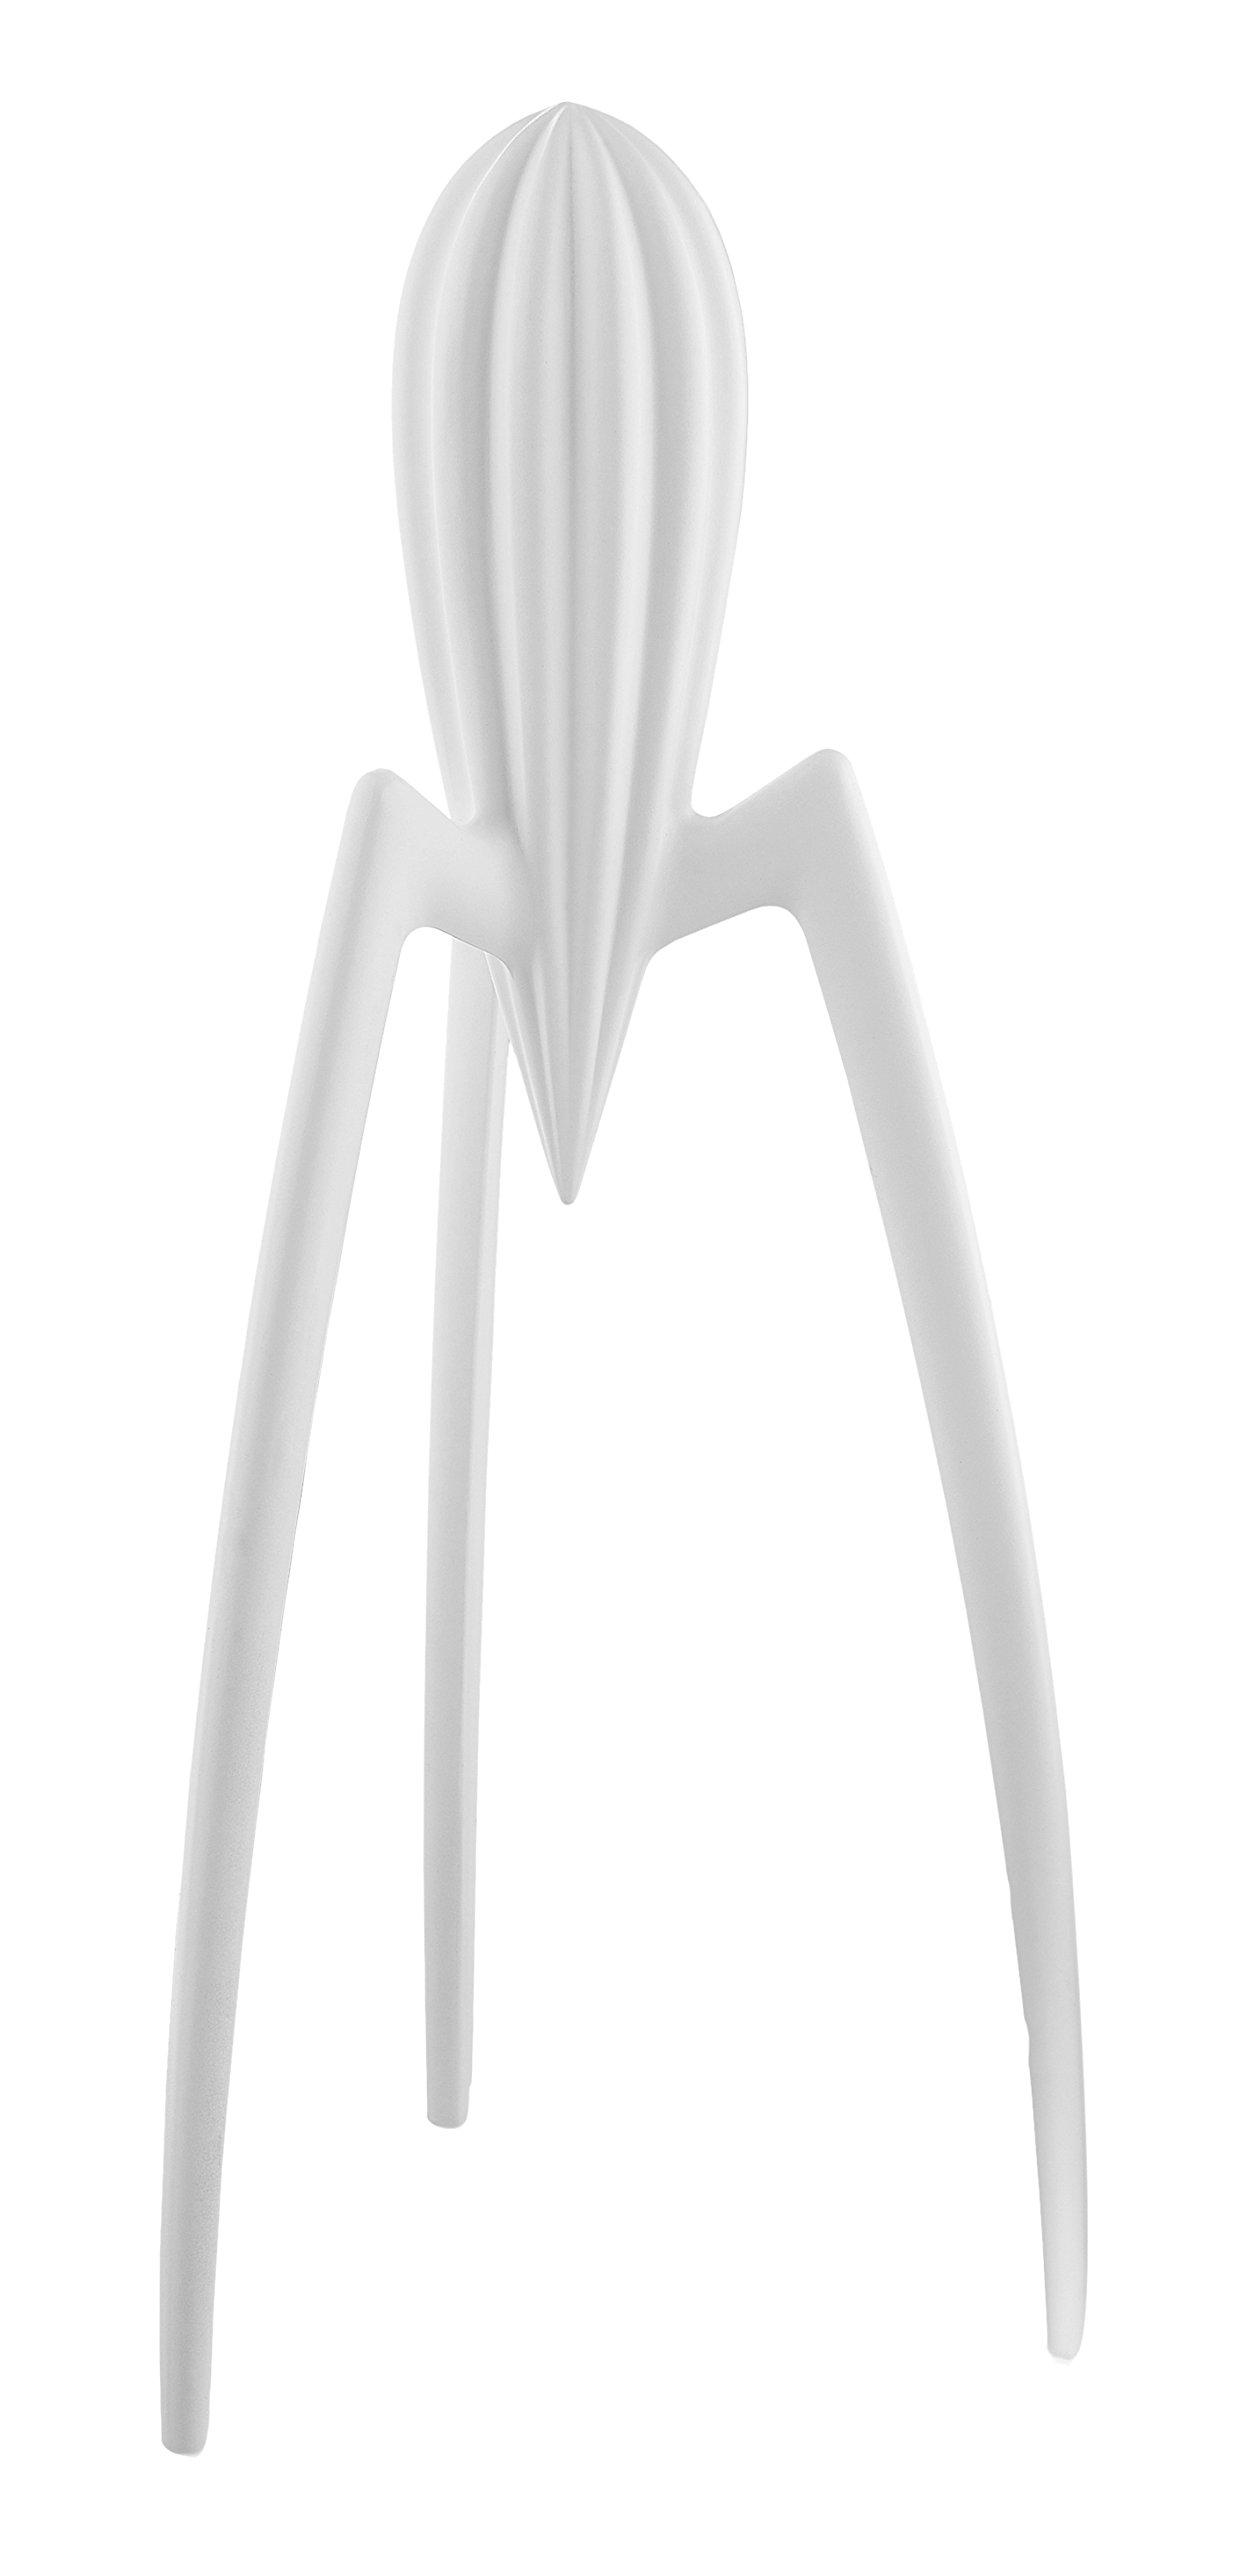 Alessi''Juicy Salif'' Citrus-Squeezer in Aluminum Casting, White